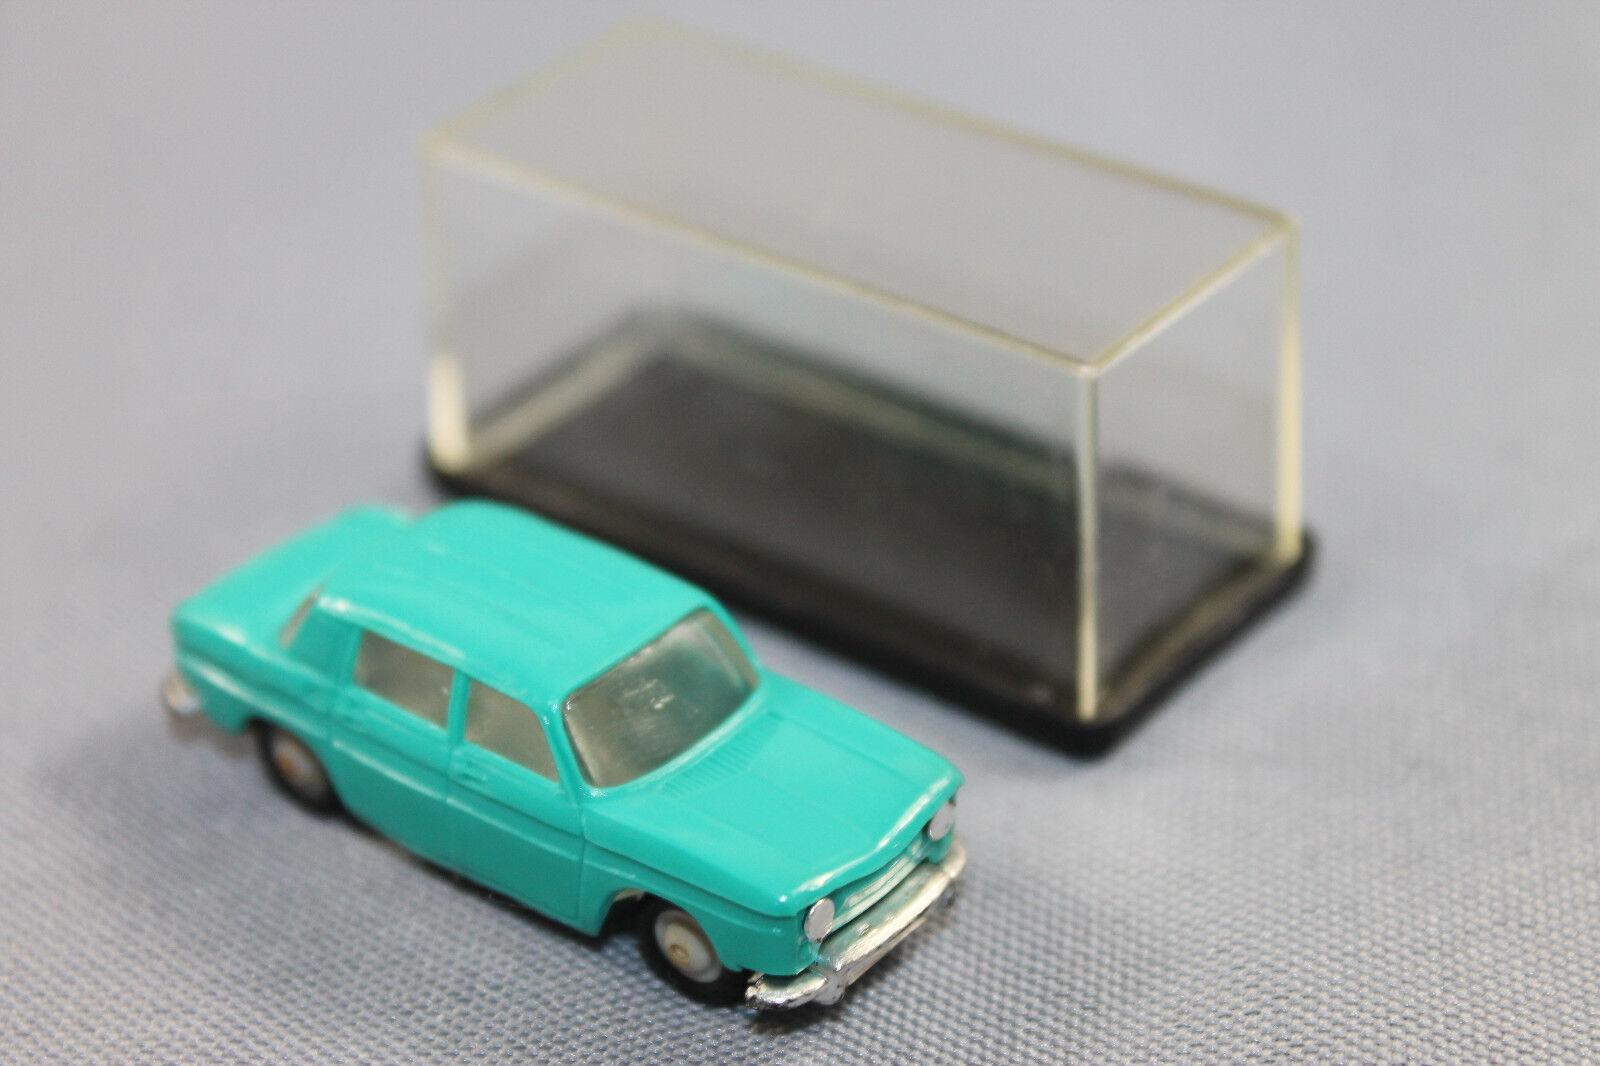 Norev No 514 Renault R 8 Farbe türkis in OVP Mircro Miniature Cars Maßstab 1 86